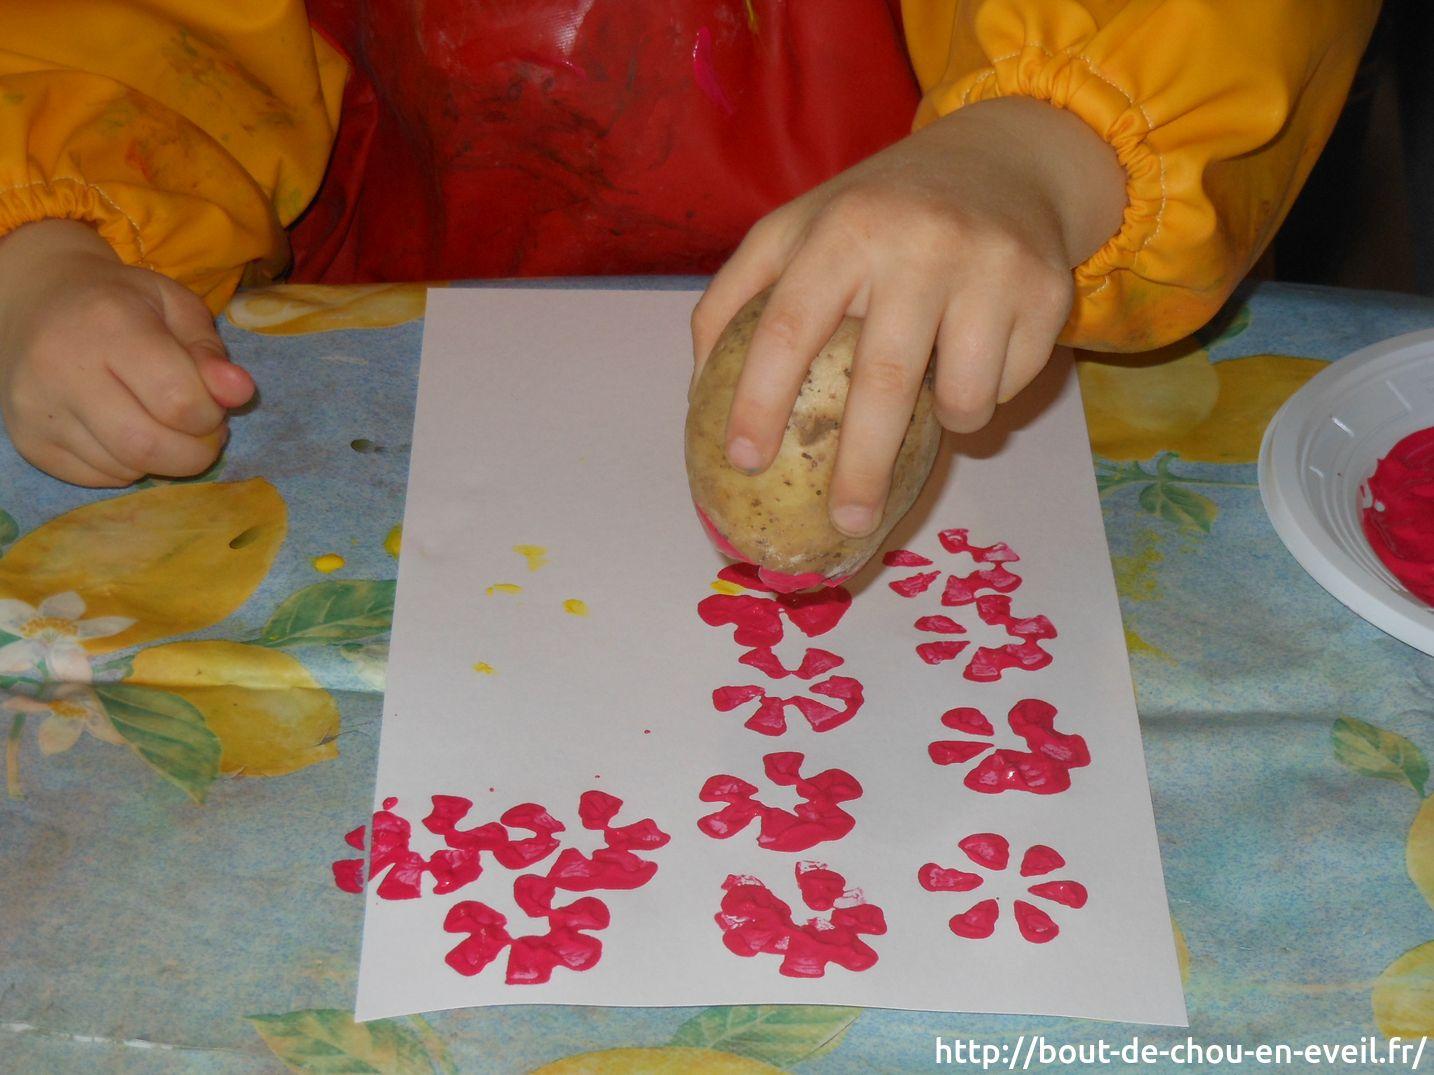 Top Activité peinture : empreintes fleuries | Bout de chou en éveil QN42